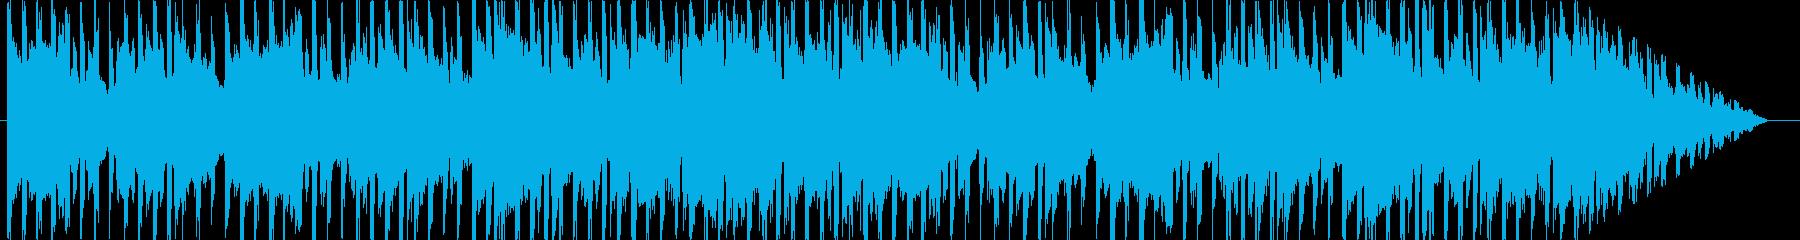 ポップ。 melody.TVバック...の再生済みの波形